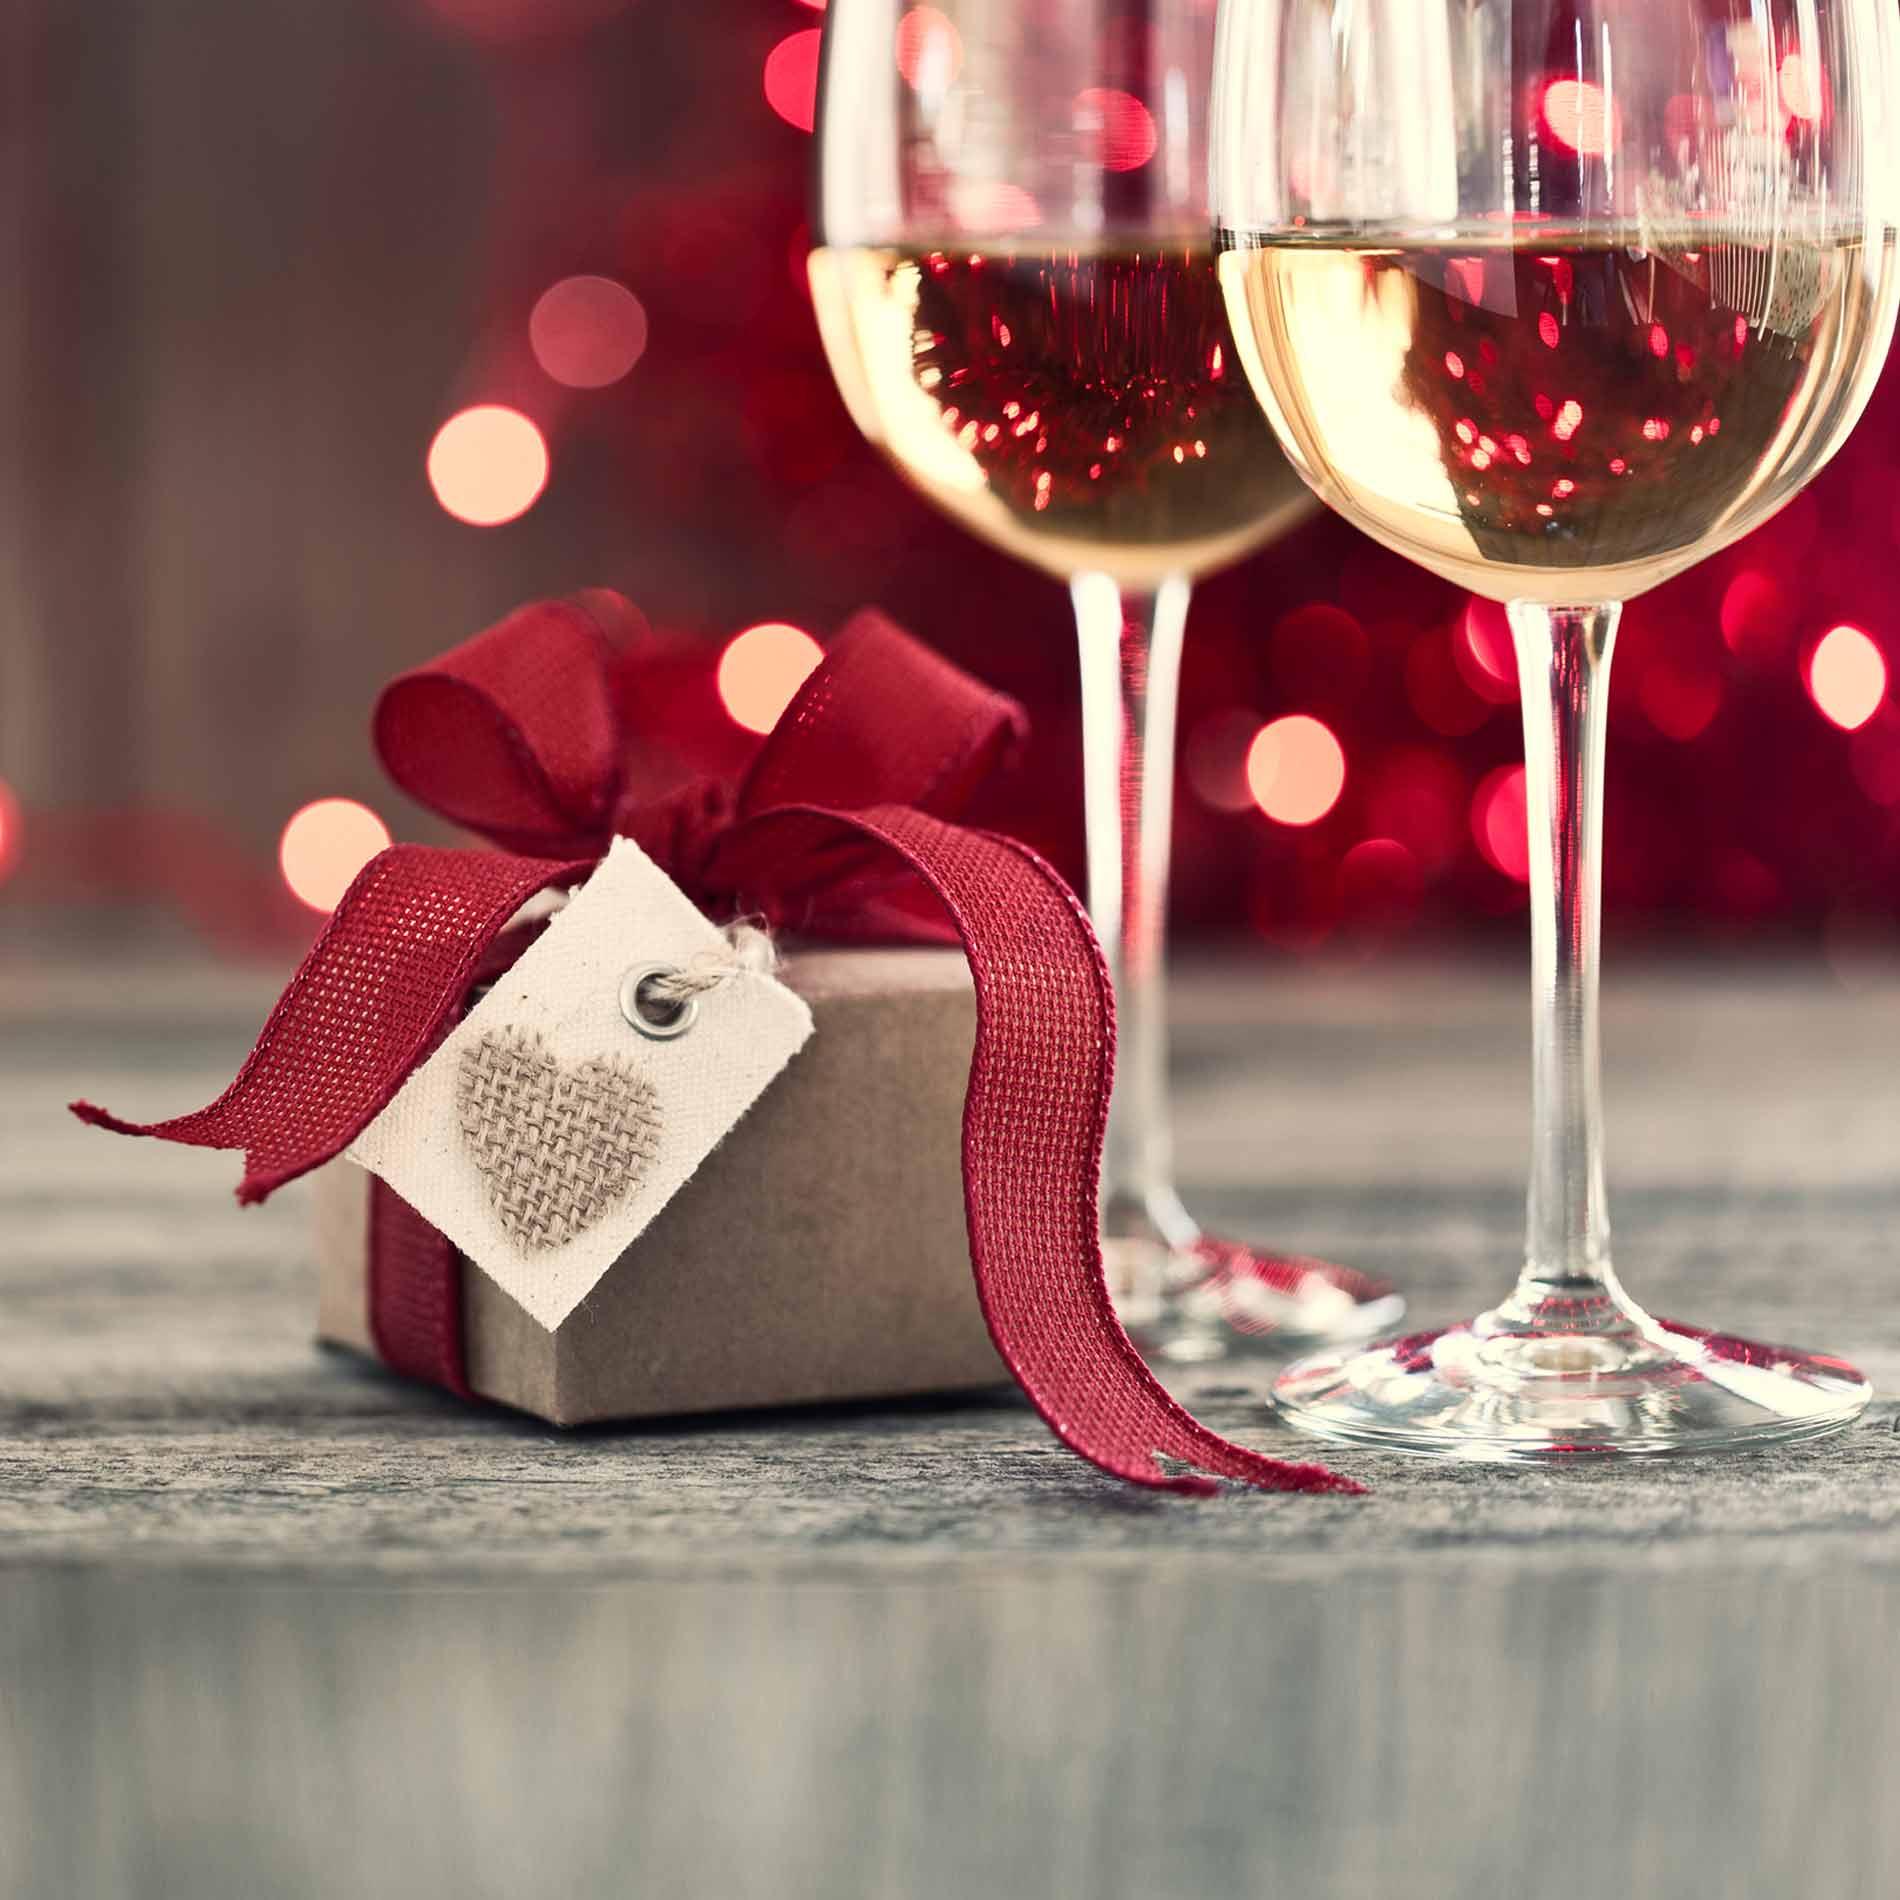 Weihnachtsgeschenke für Frauen – Top 5 ab 10 Euro